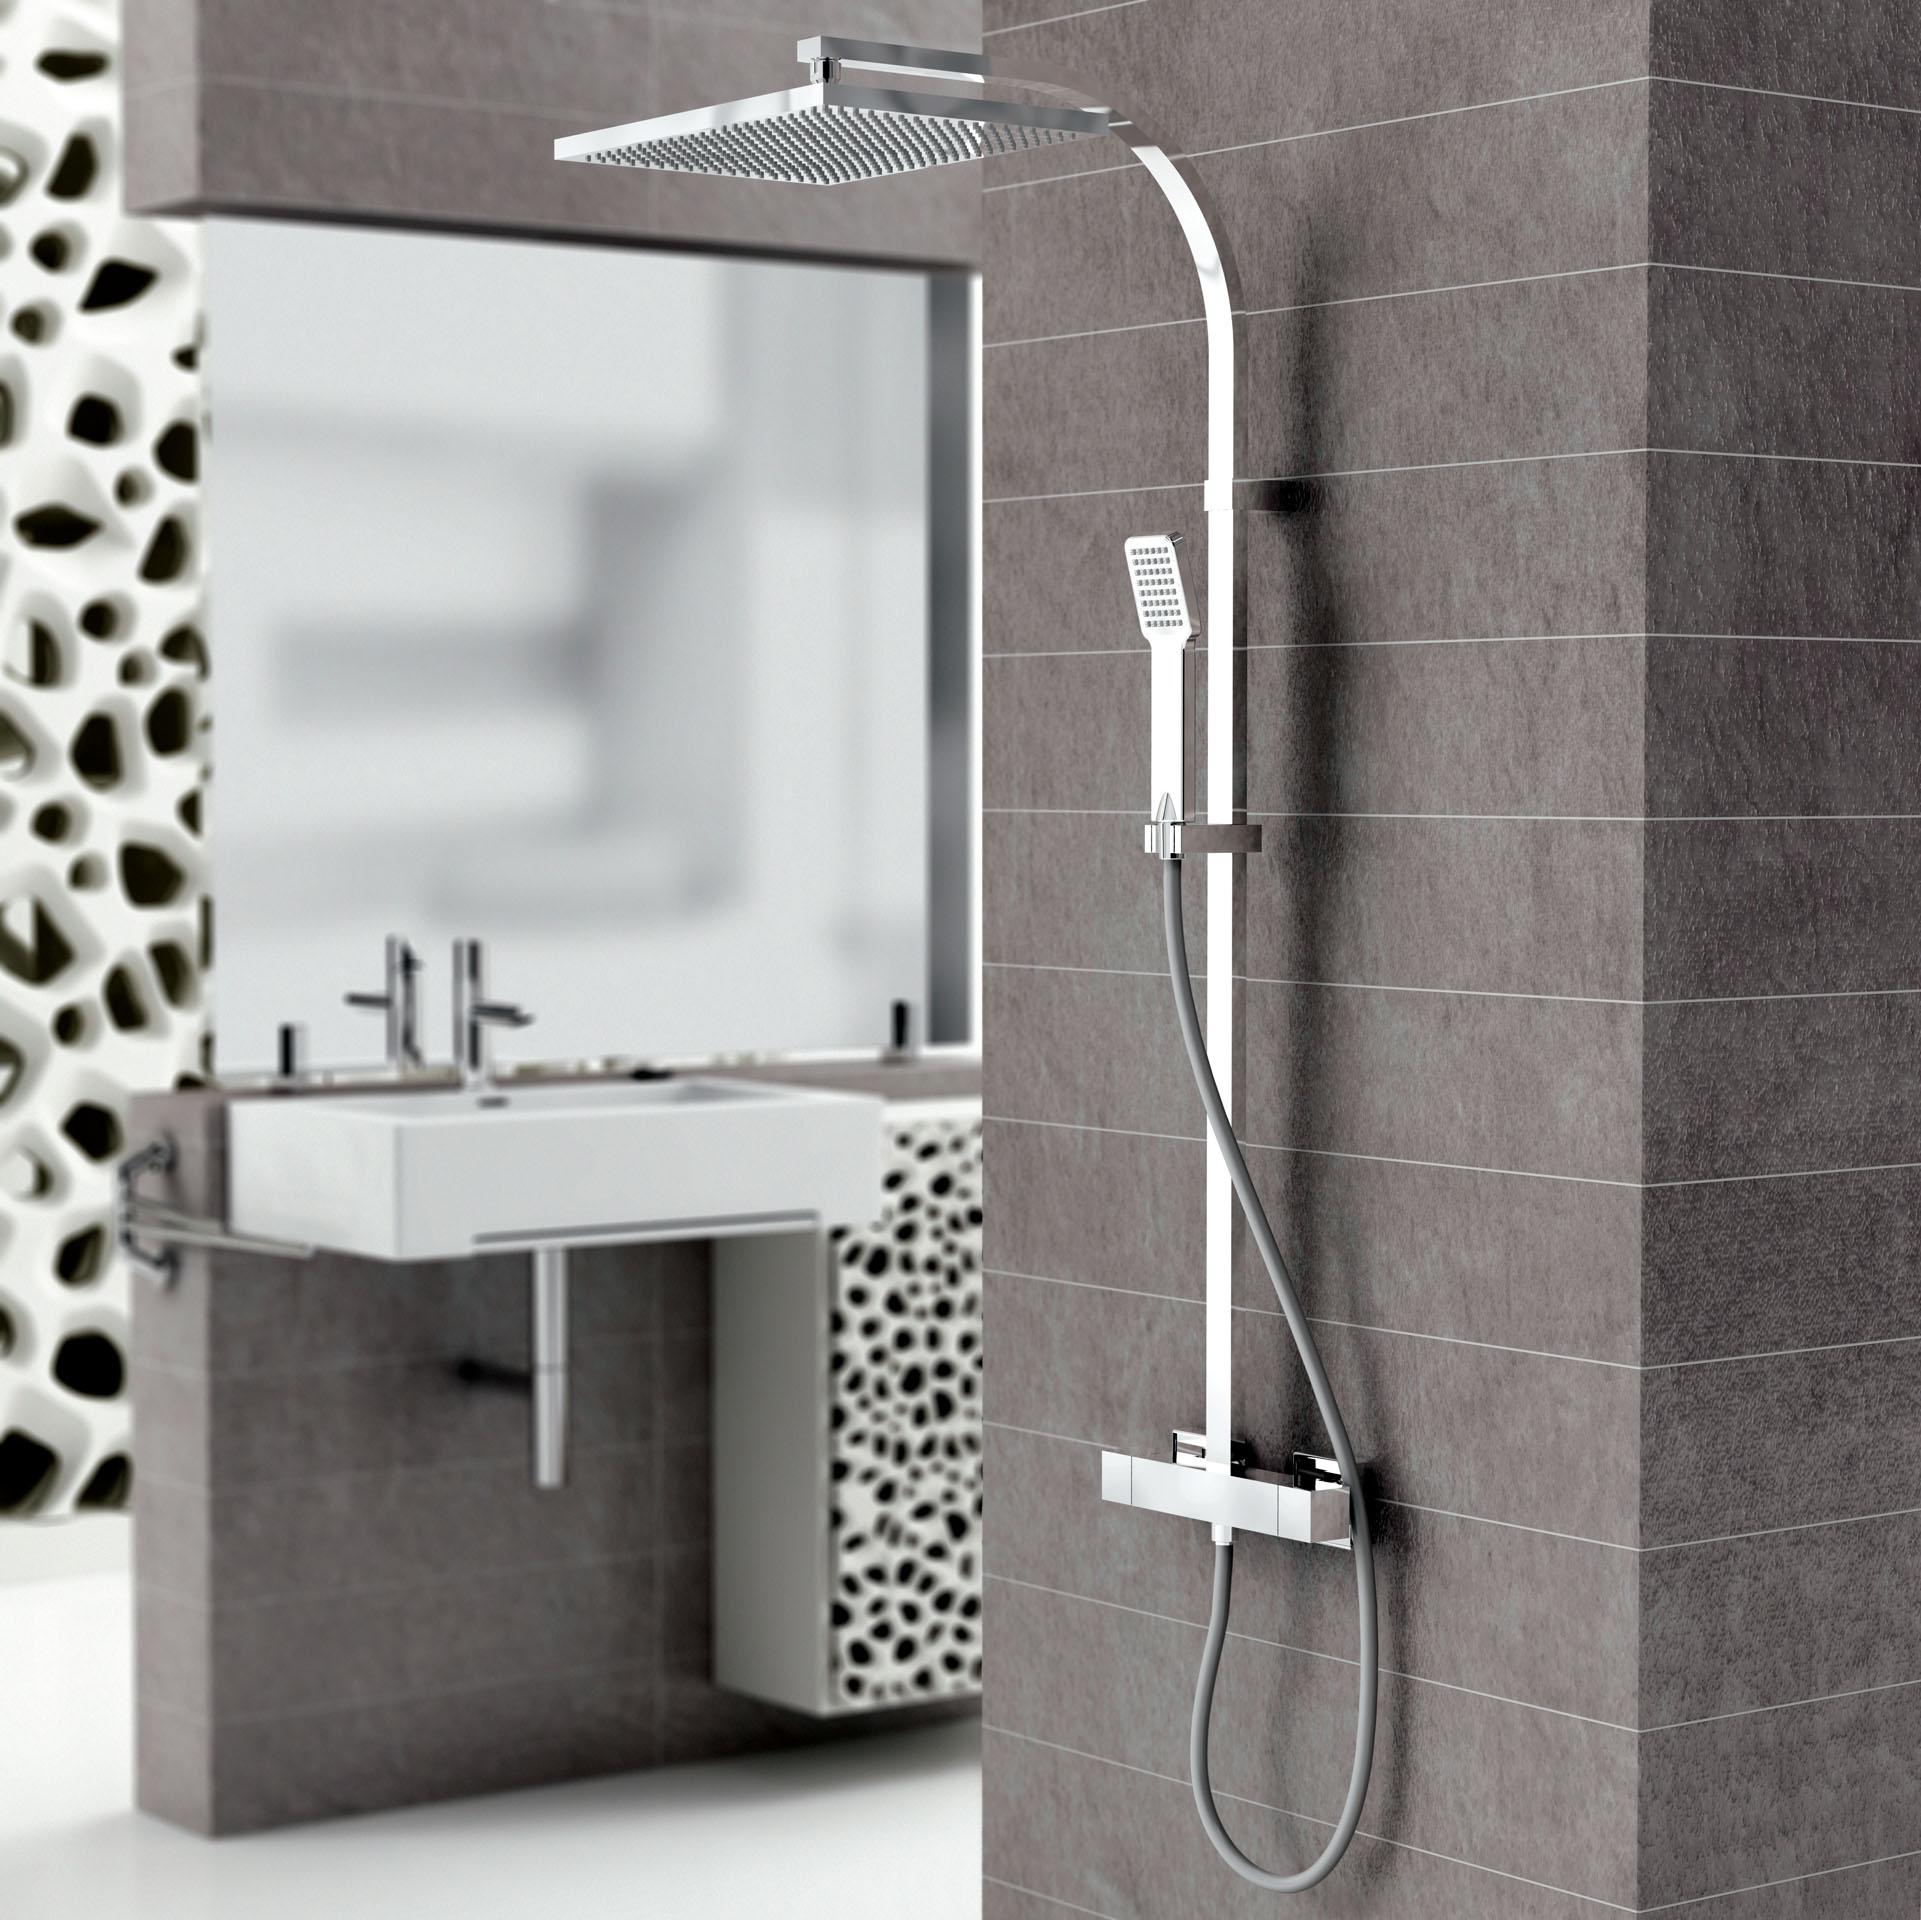 Tipos de griferias de ba os en rivas clickdecormadrid - Grifos termostaticos para ducha ...